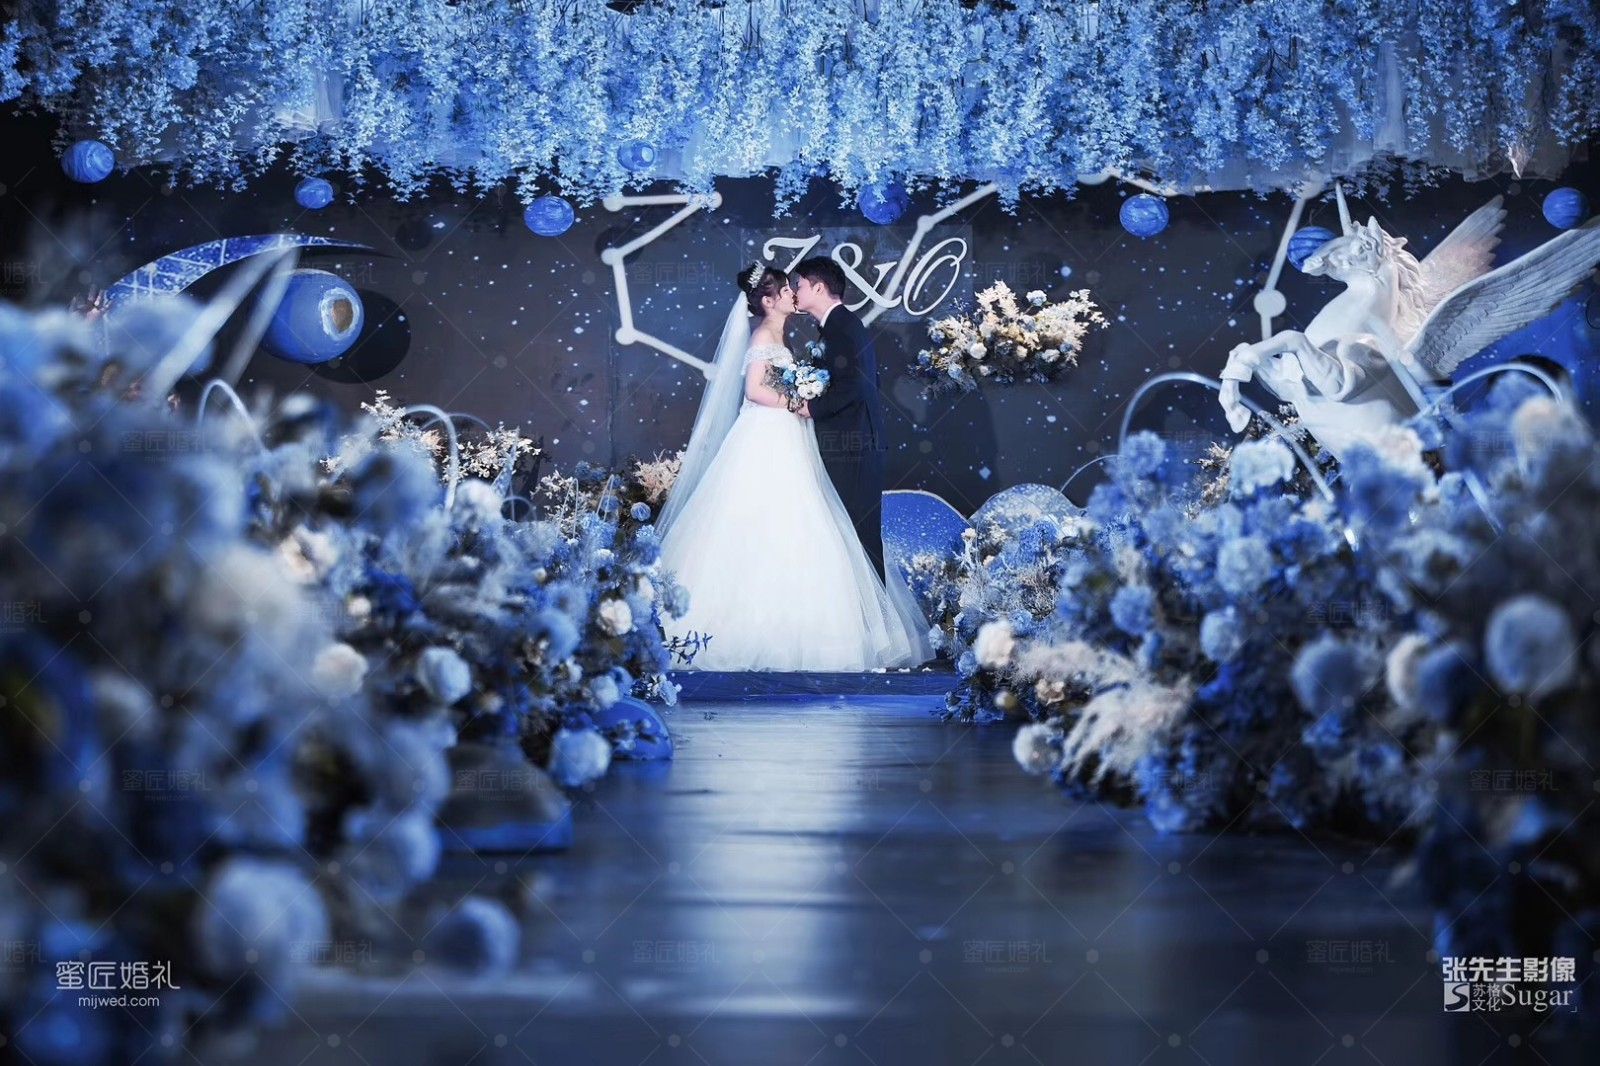 婚礼现场无吊顶的装饰